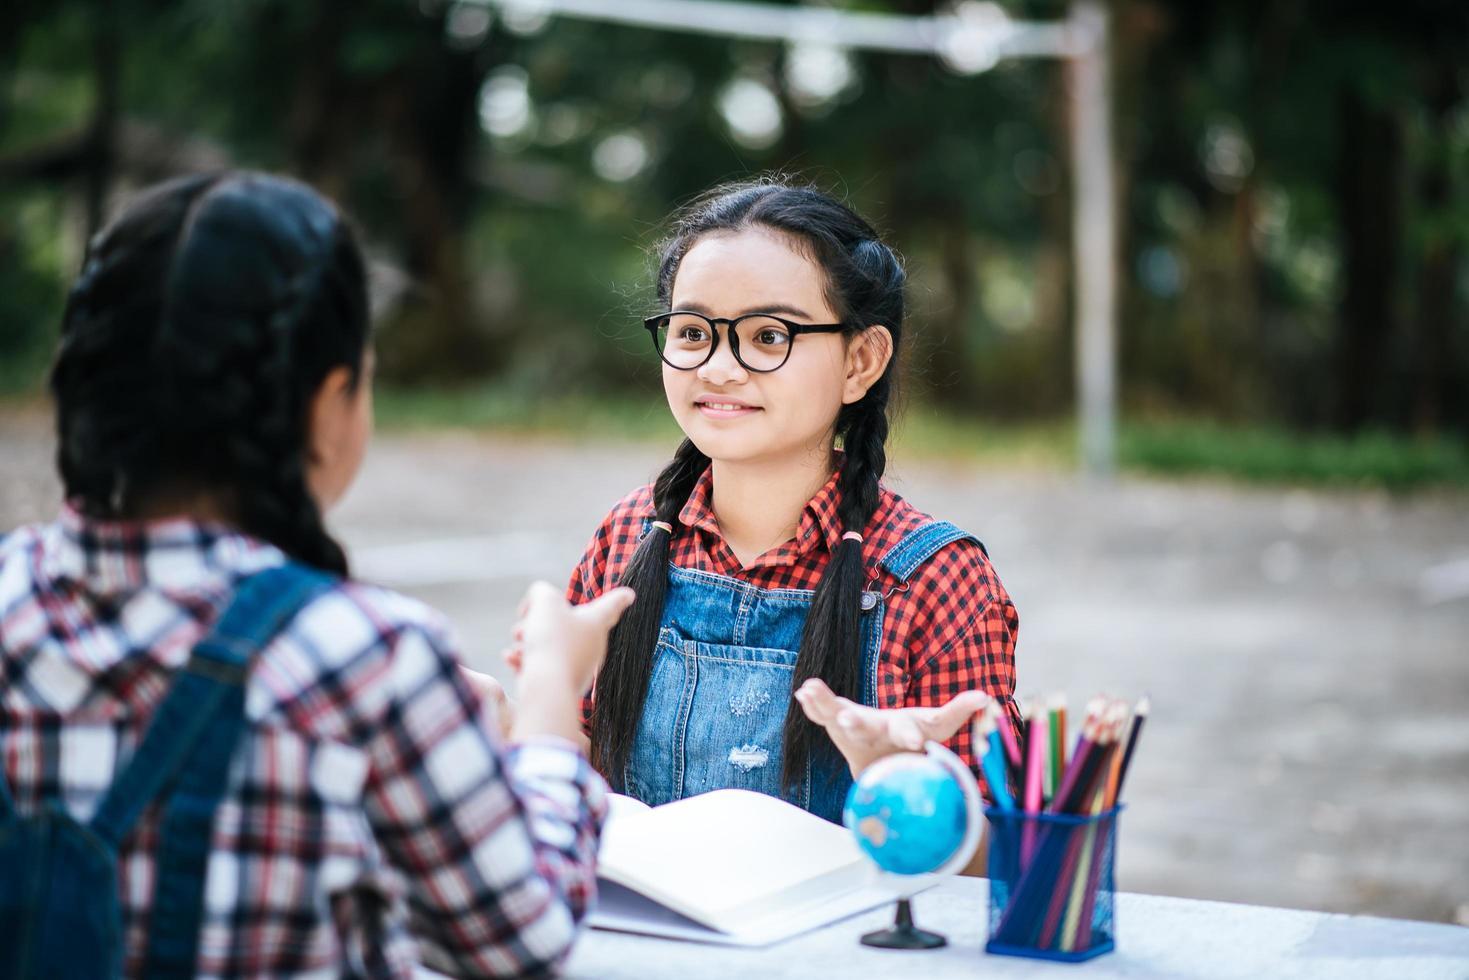 deux filles étudient et se parlent dans un parc photo